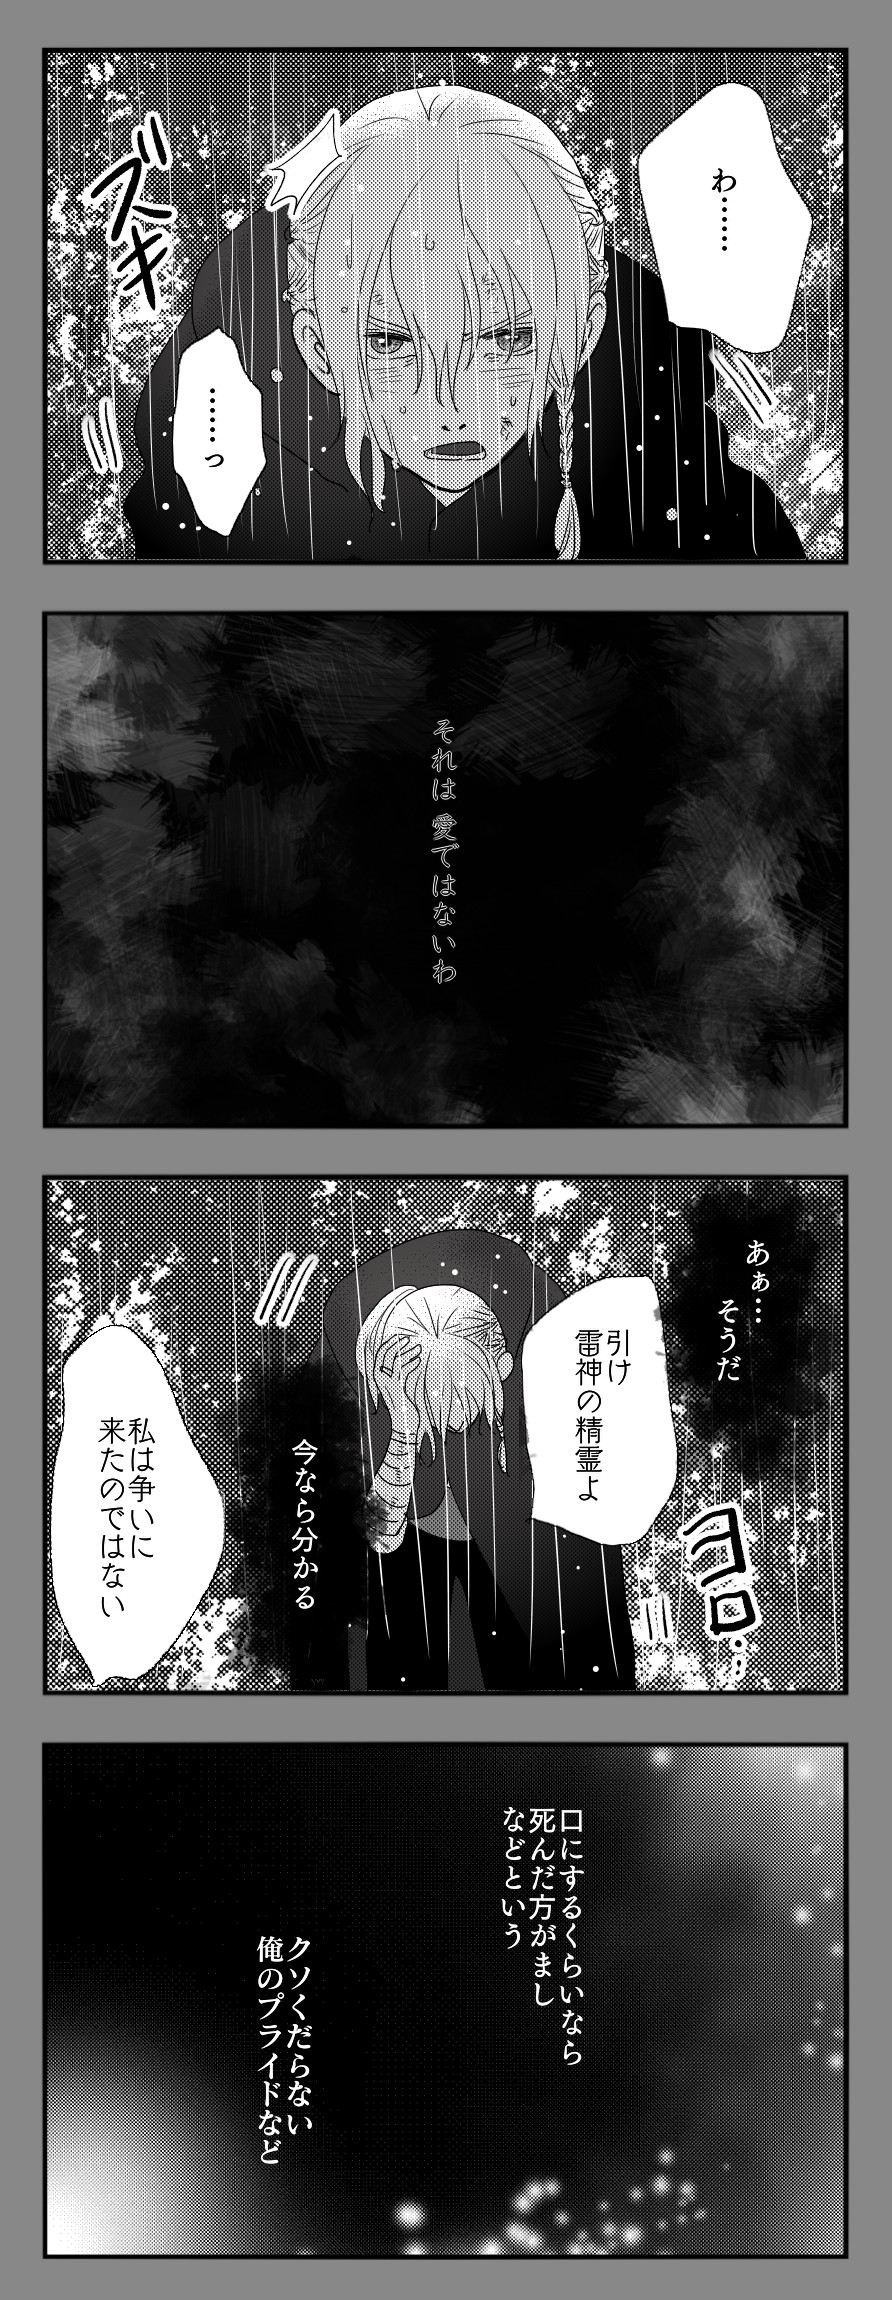 森の魔法使いと獣人の子177